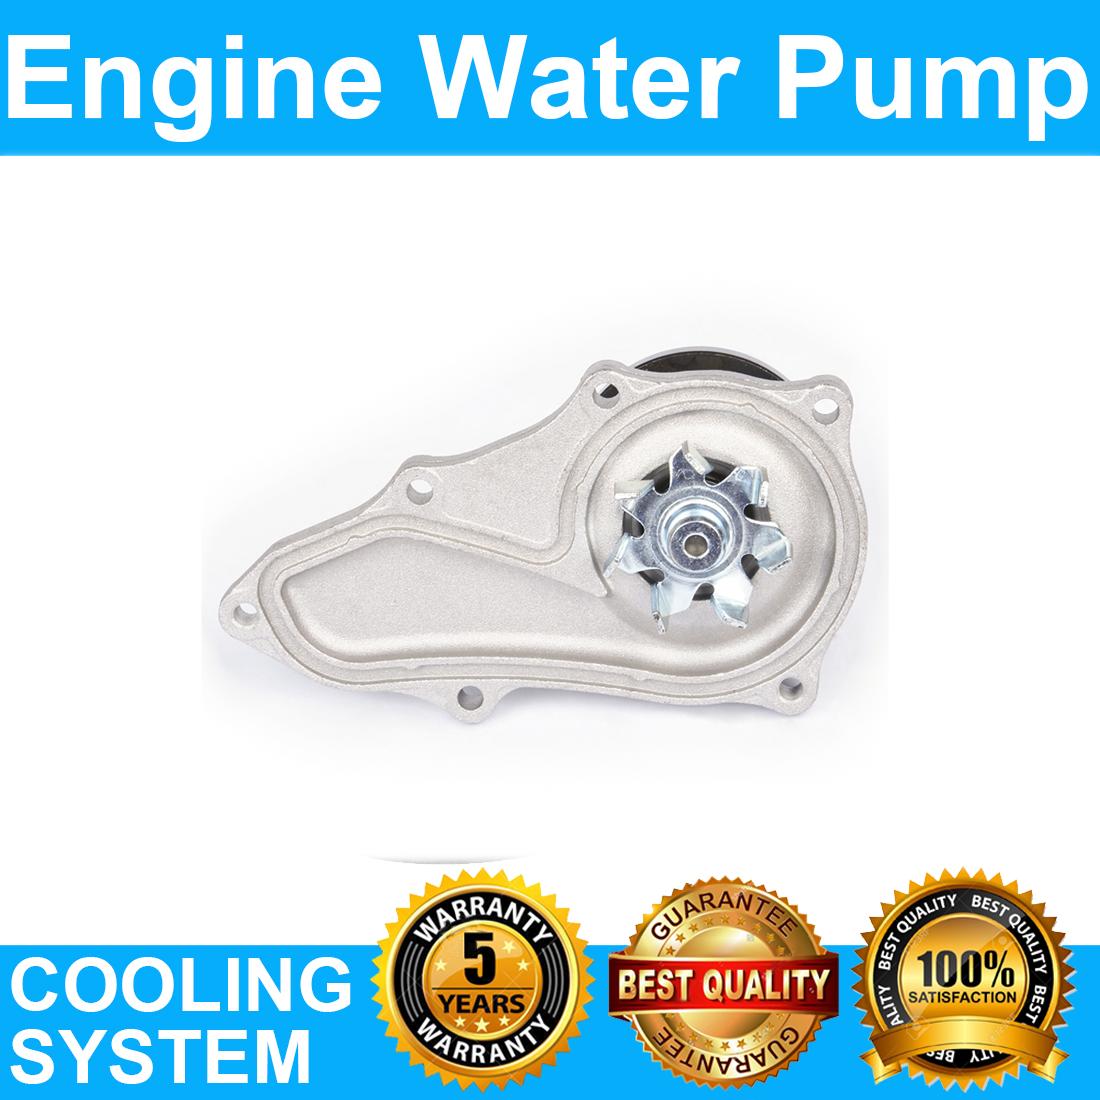 Standard Gates fits 13-17 Honda Accord 2.4L-L4 Engine Water Pump-Water Pump